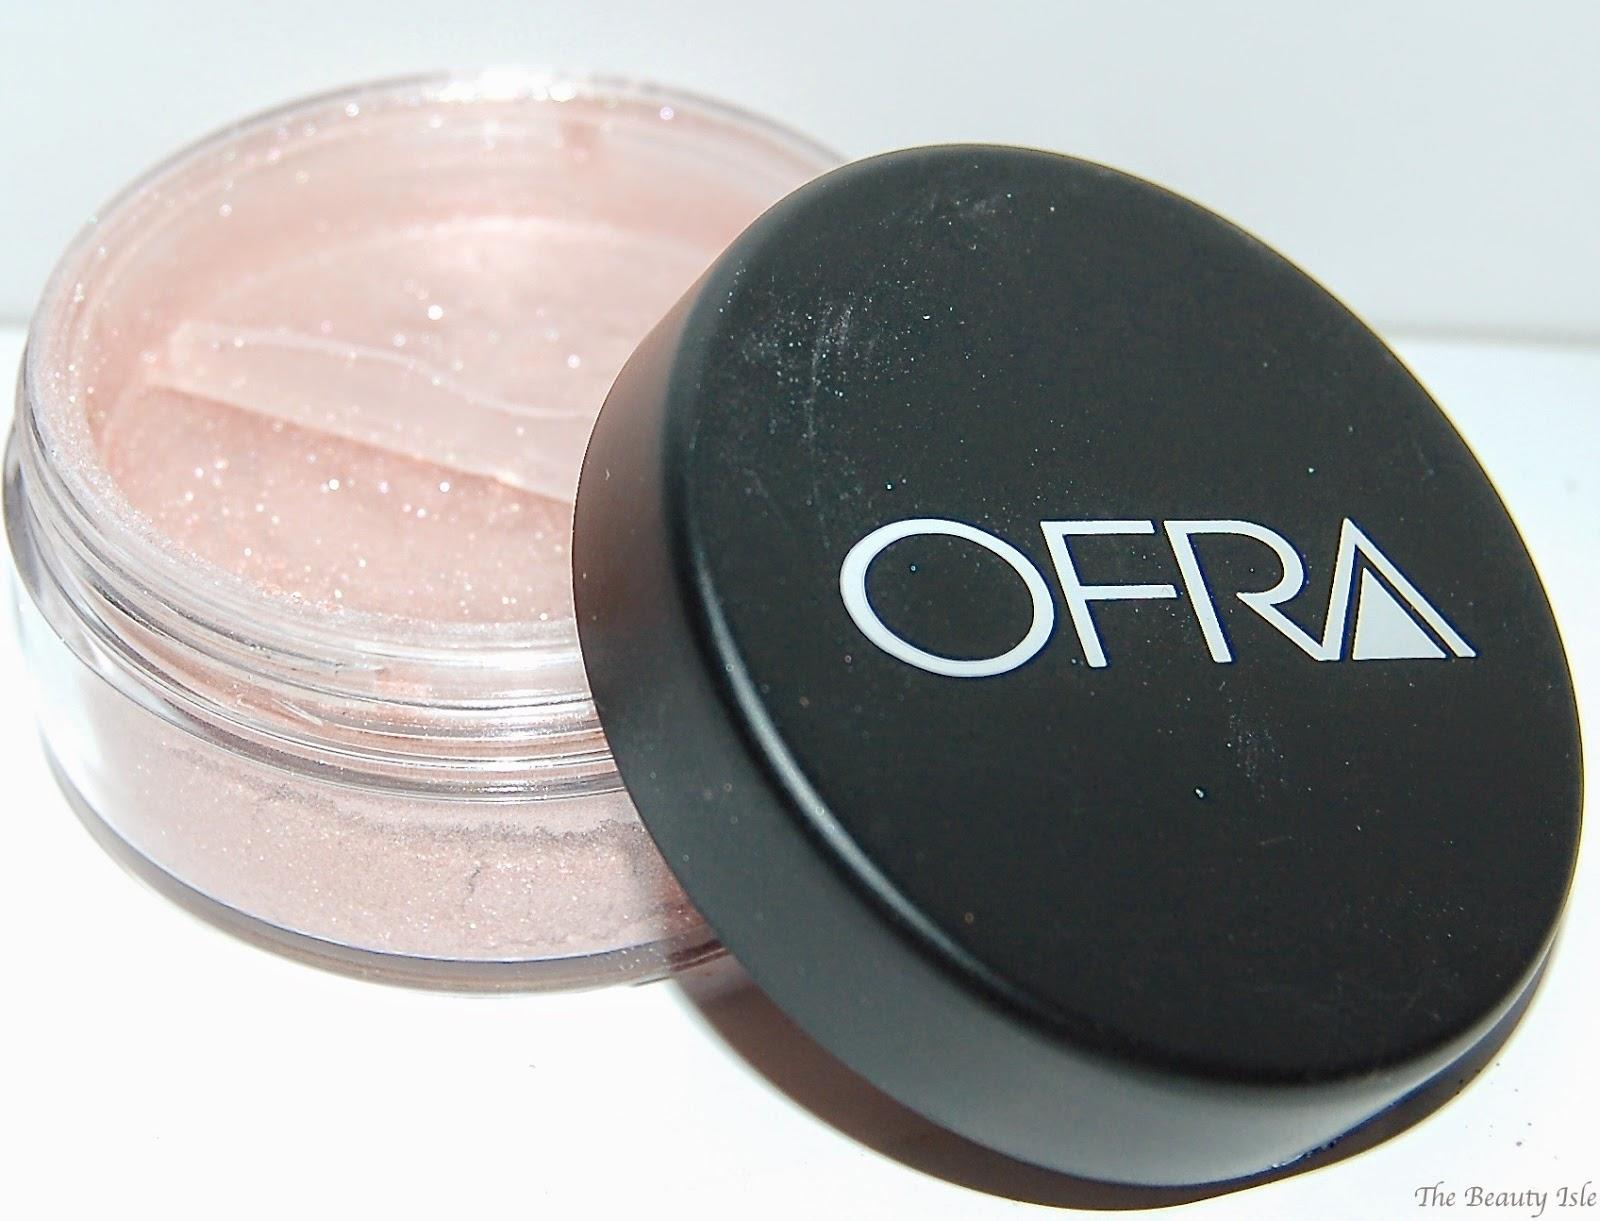 Ofra Derma Mineral Powder